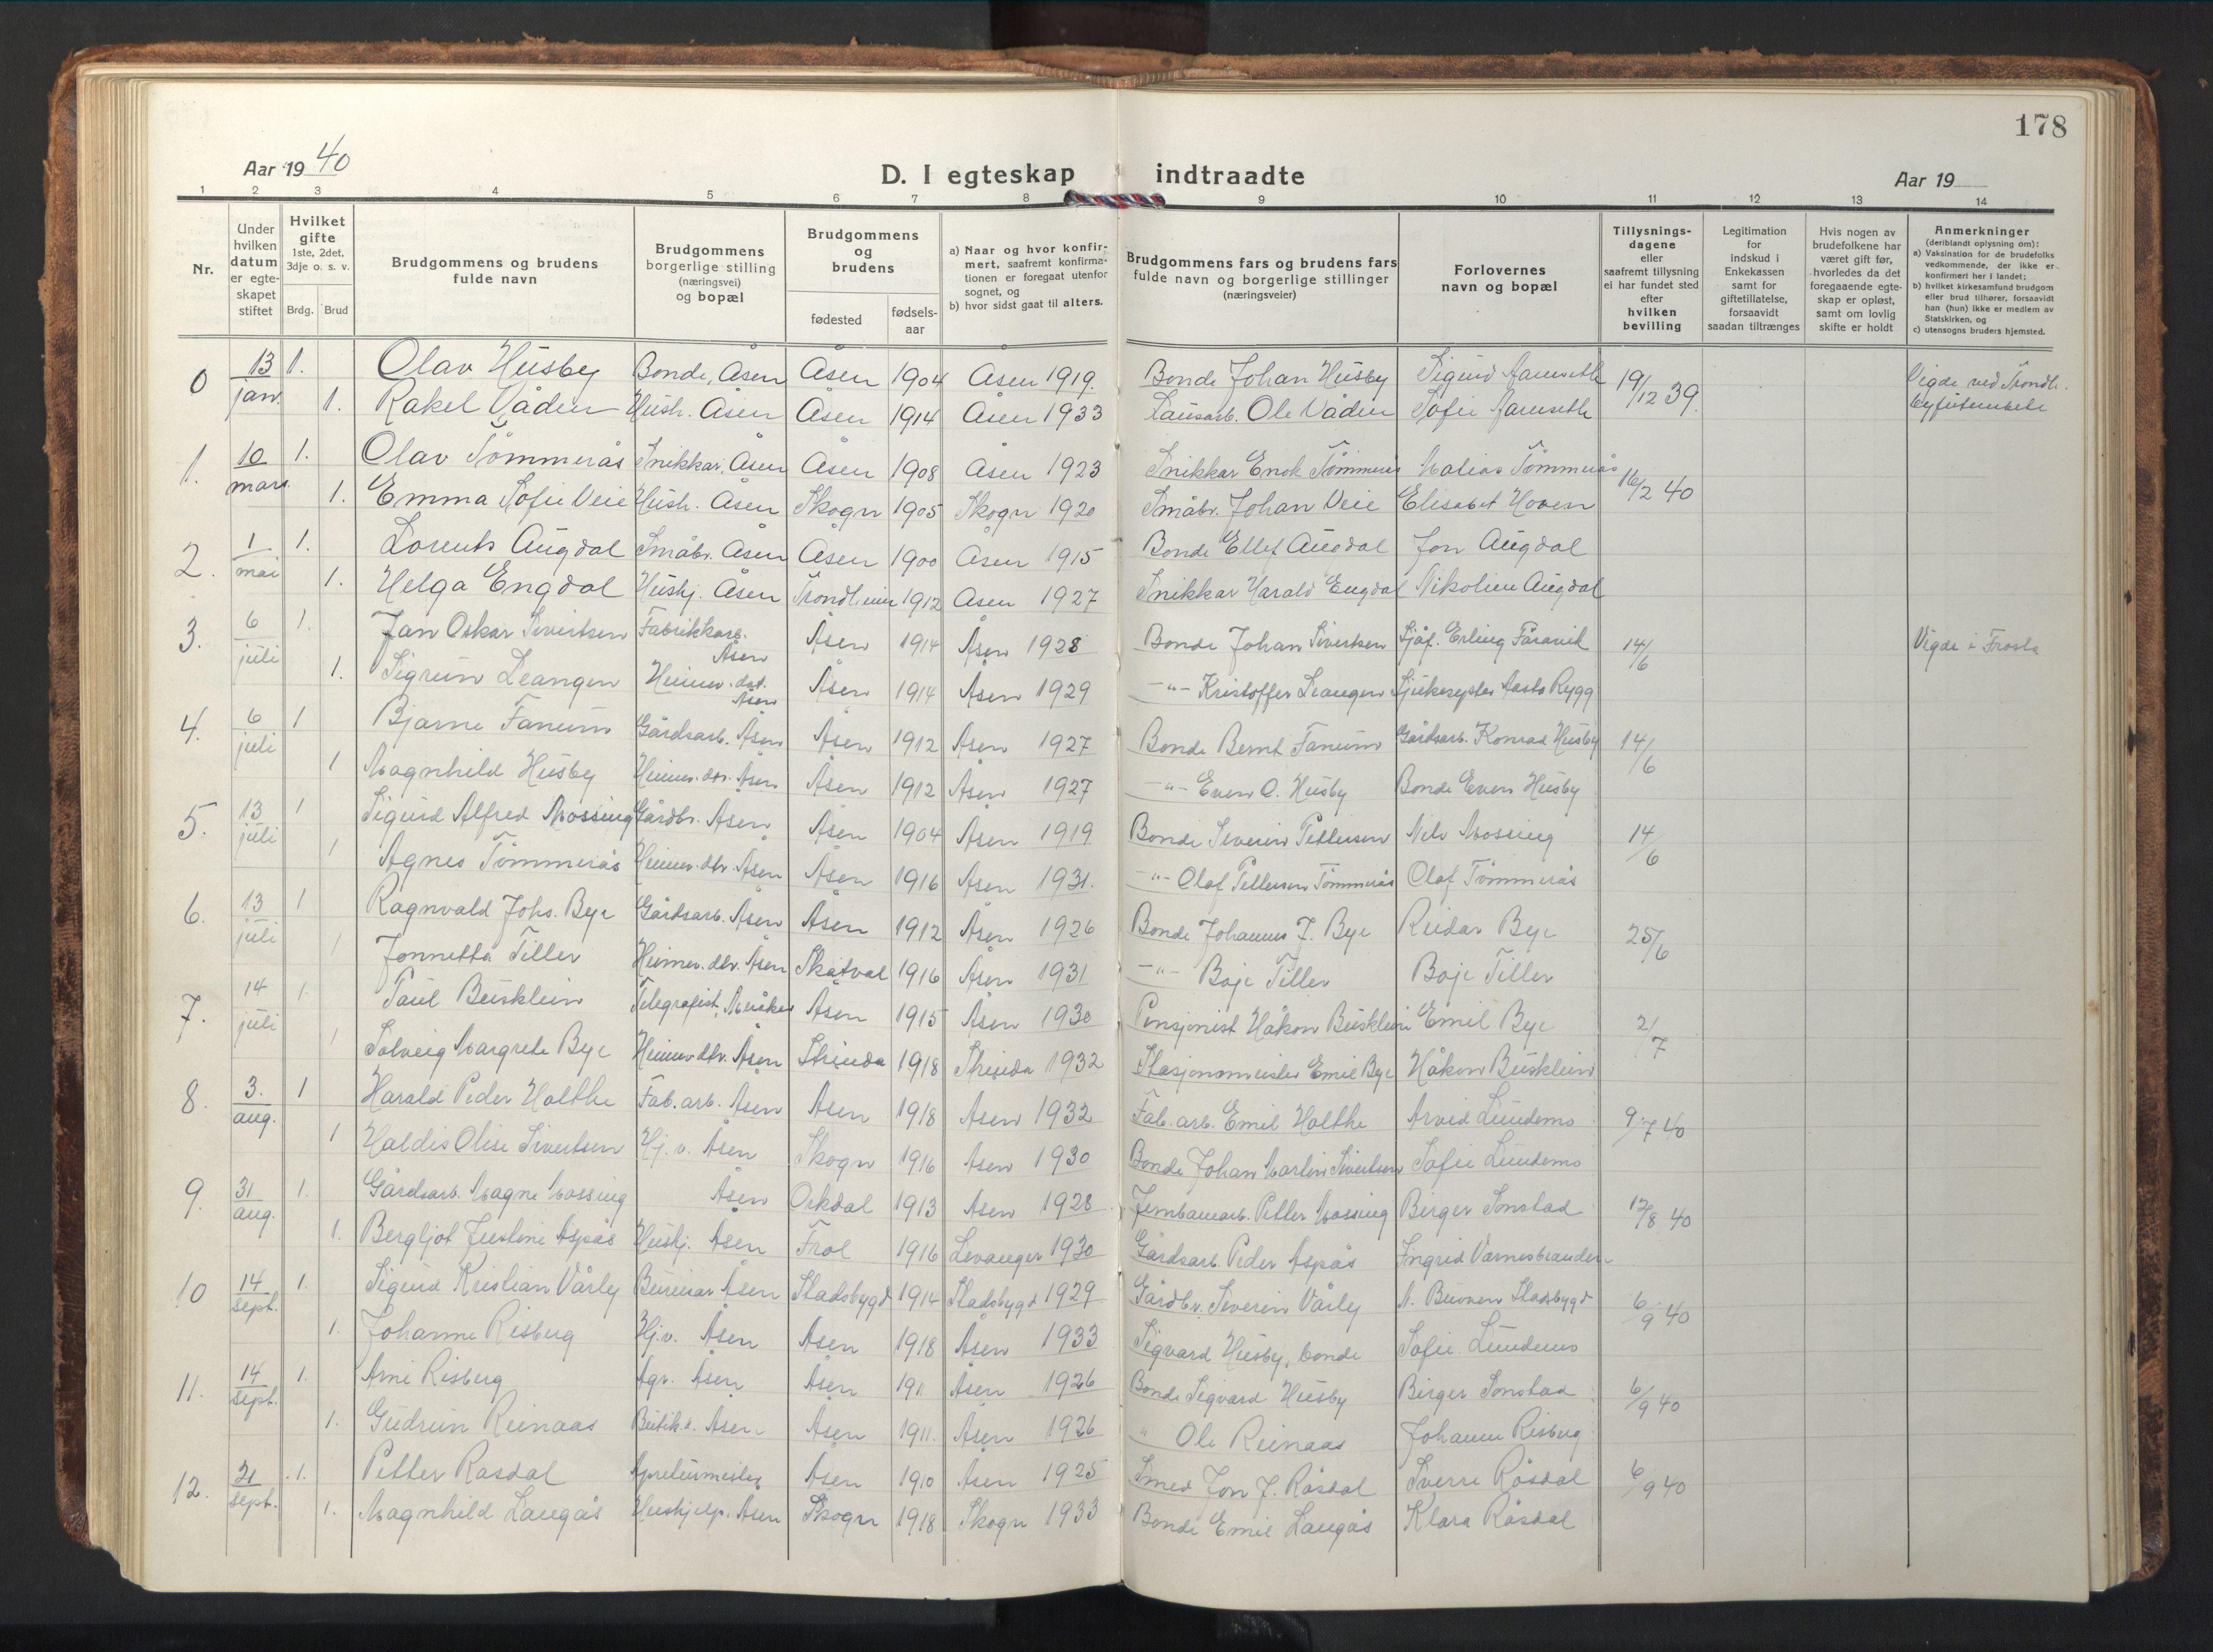 SAT, Ministerialprotokoller, klokkerbøker og fødselsregistre - Nord-Trøndelag, 714/L0136: Klokkerbok nr. 714C05, 1918-1957, s. 178